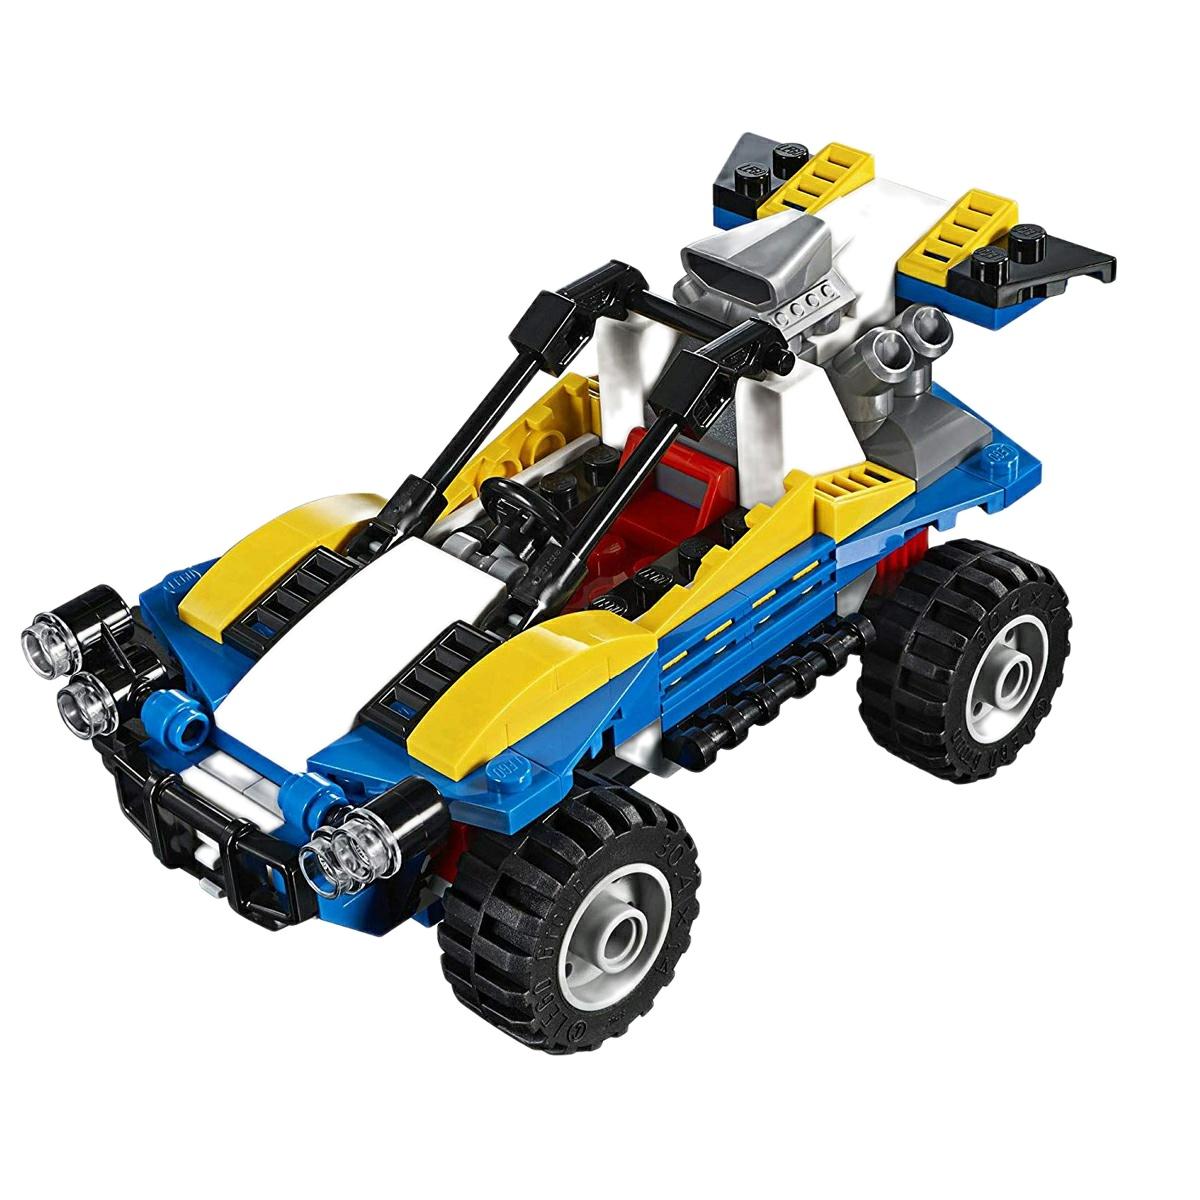 لگو سری Creator مدل Bulding toy کد 31087